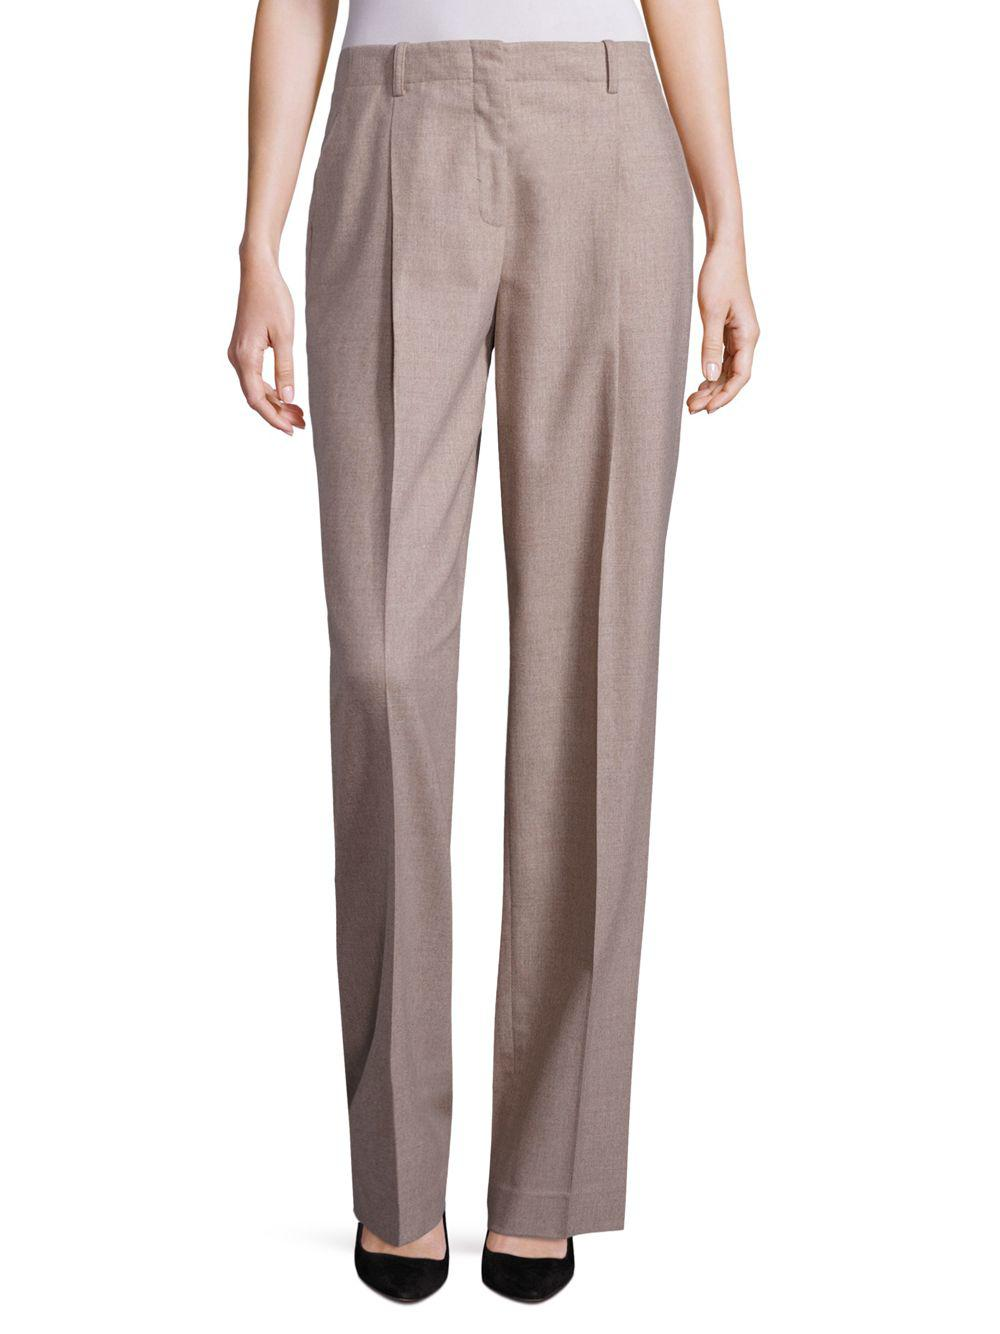 6463f3b975 Lafayette 148 New York. Women's Rivington Finite Italian Flannel Wide-leg  Trousers